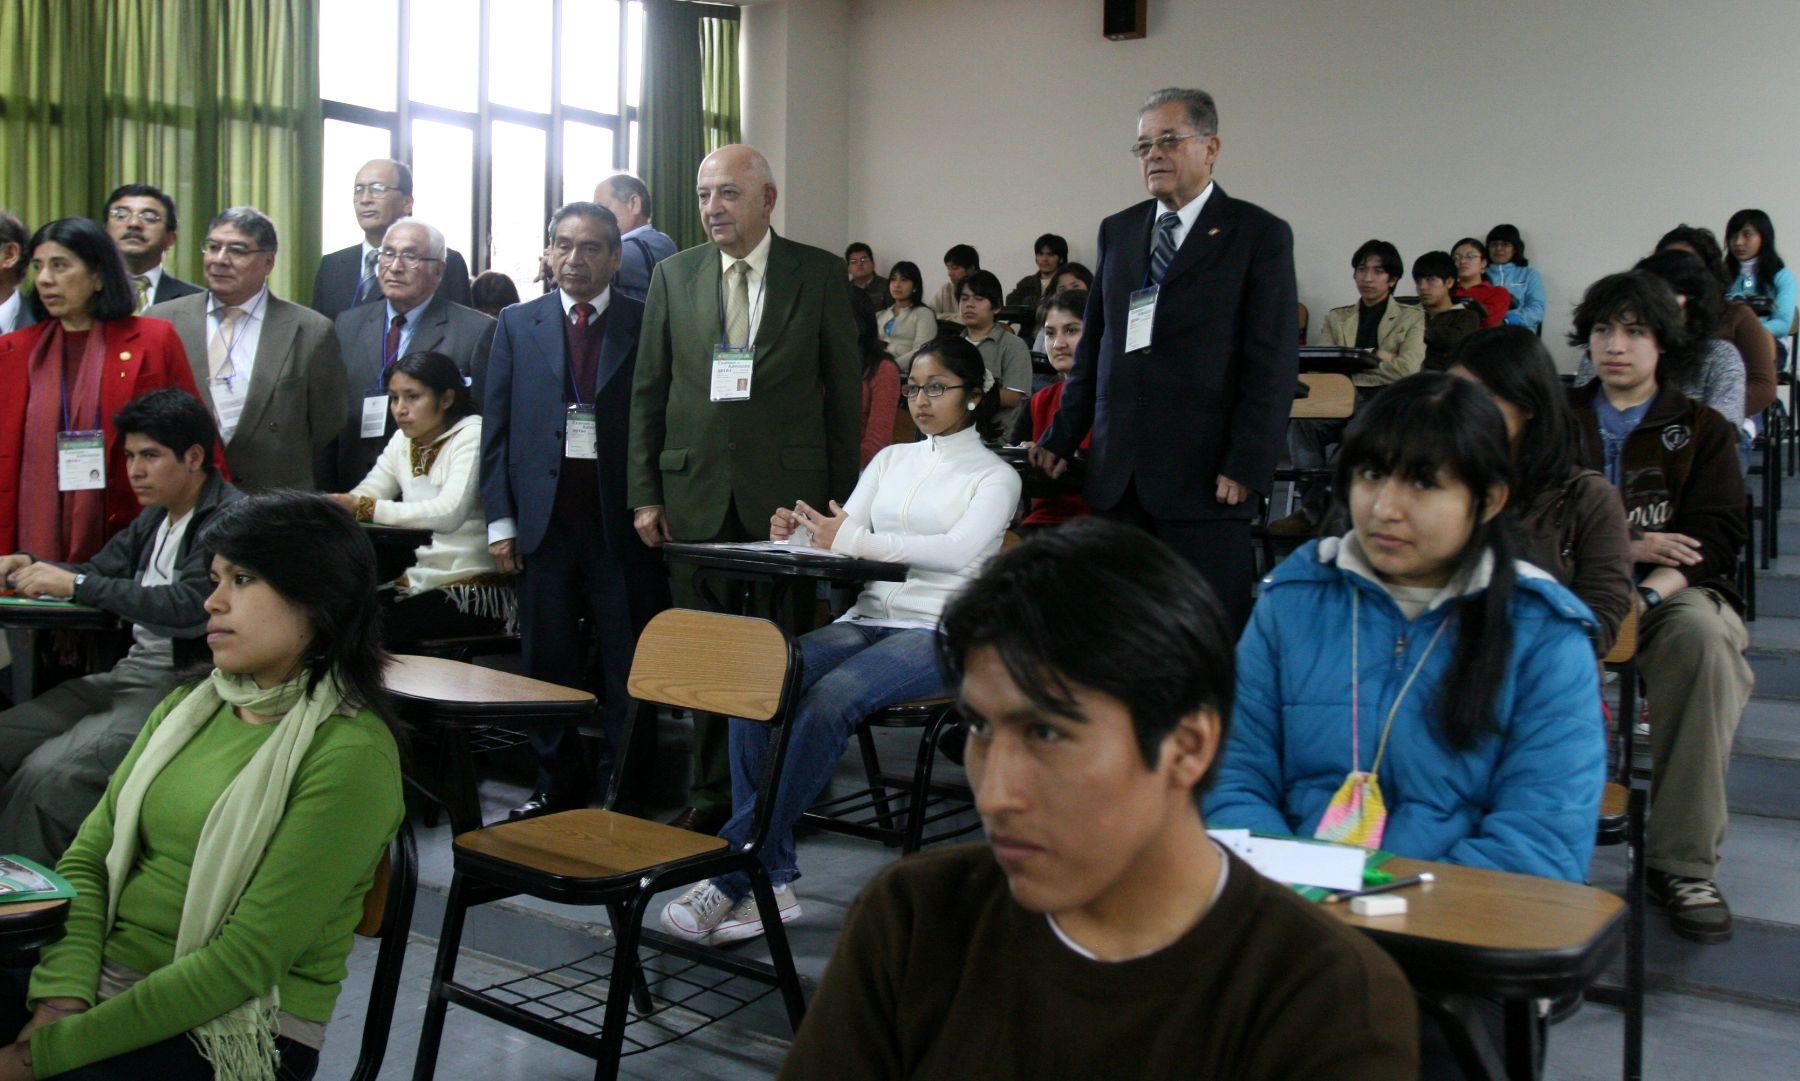 Luis Izquierdo, rector de la UNMSM, visitó algunas aulas para supervisar examen de ingreso a universidad. Foto : ANDINA/ Jorge Paz H.